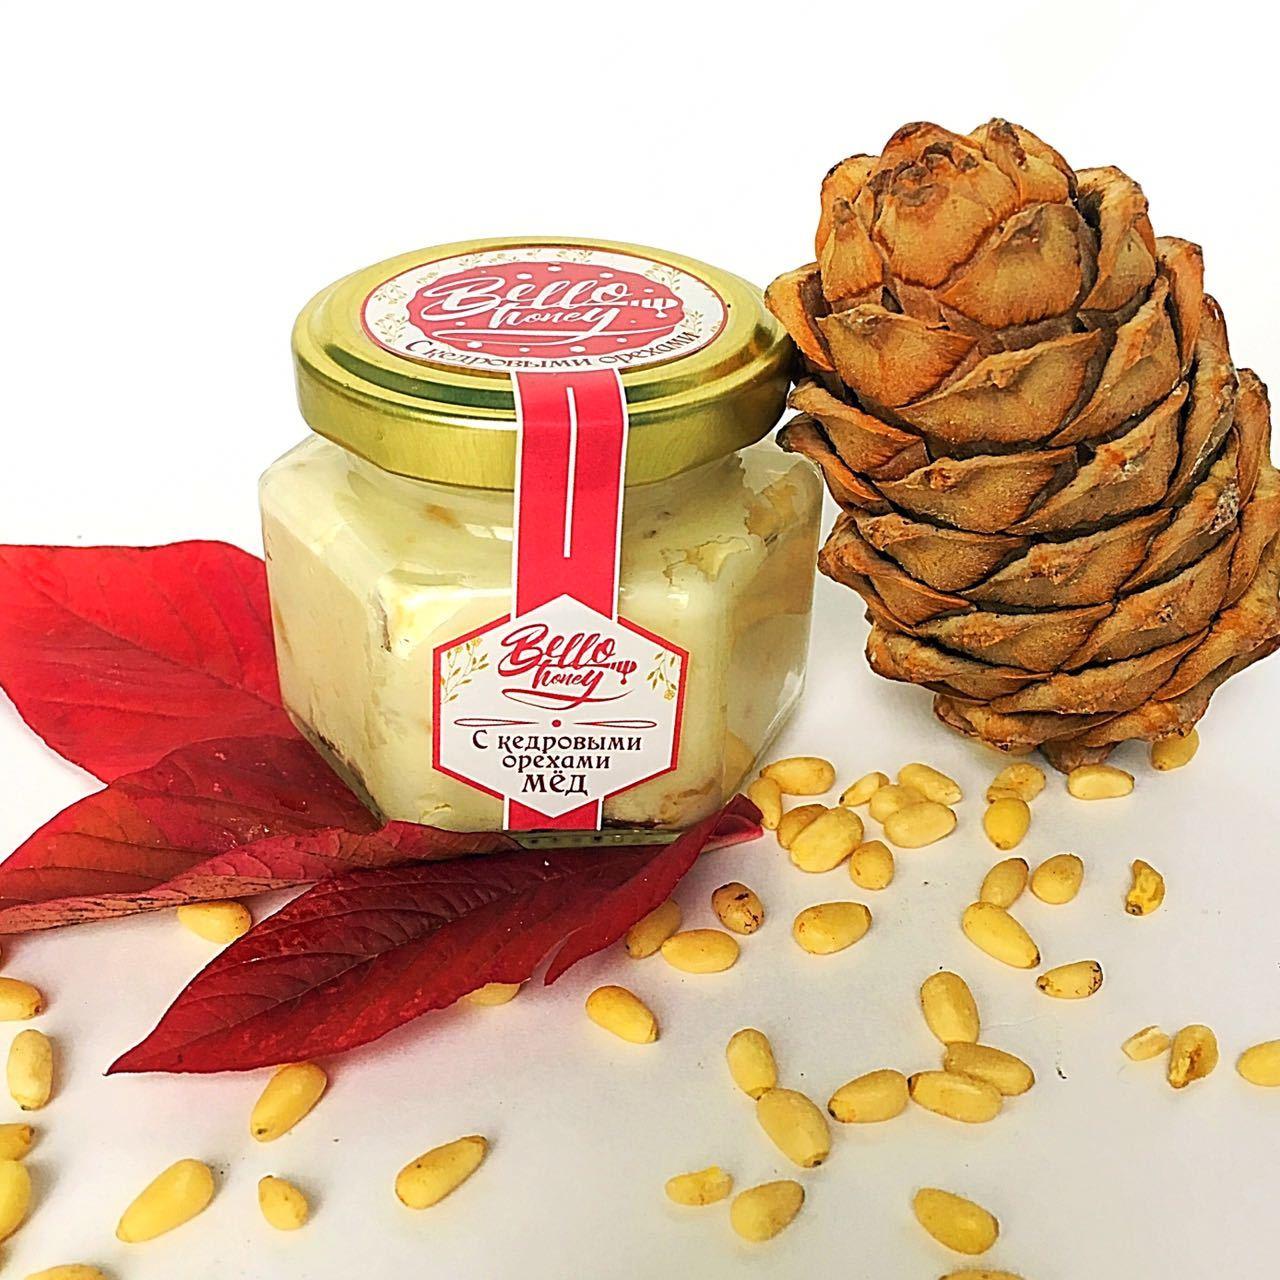 Bellohoney крем-мёд с кедровыми орехами